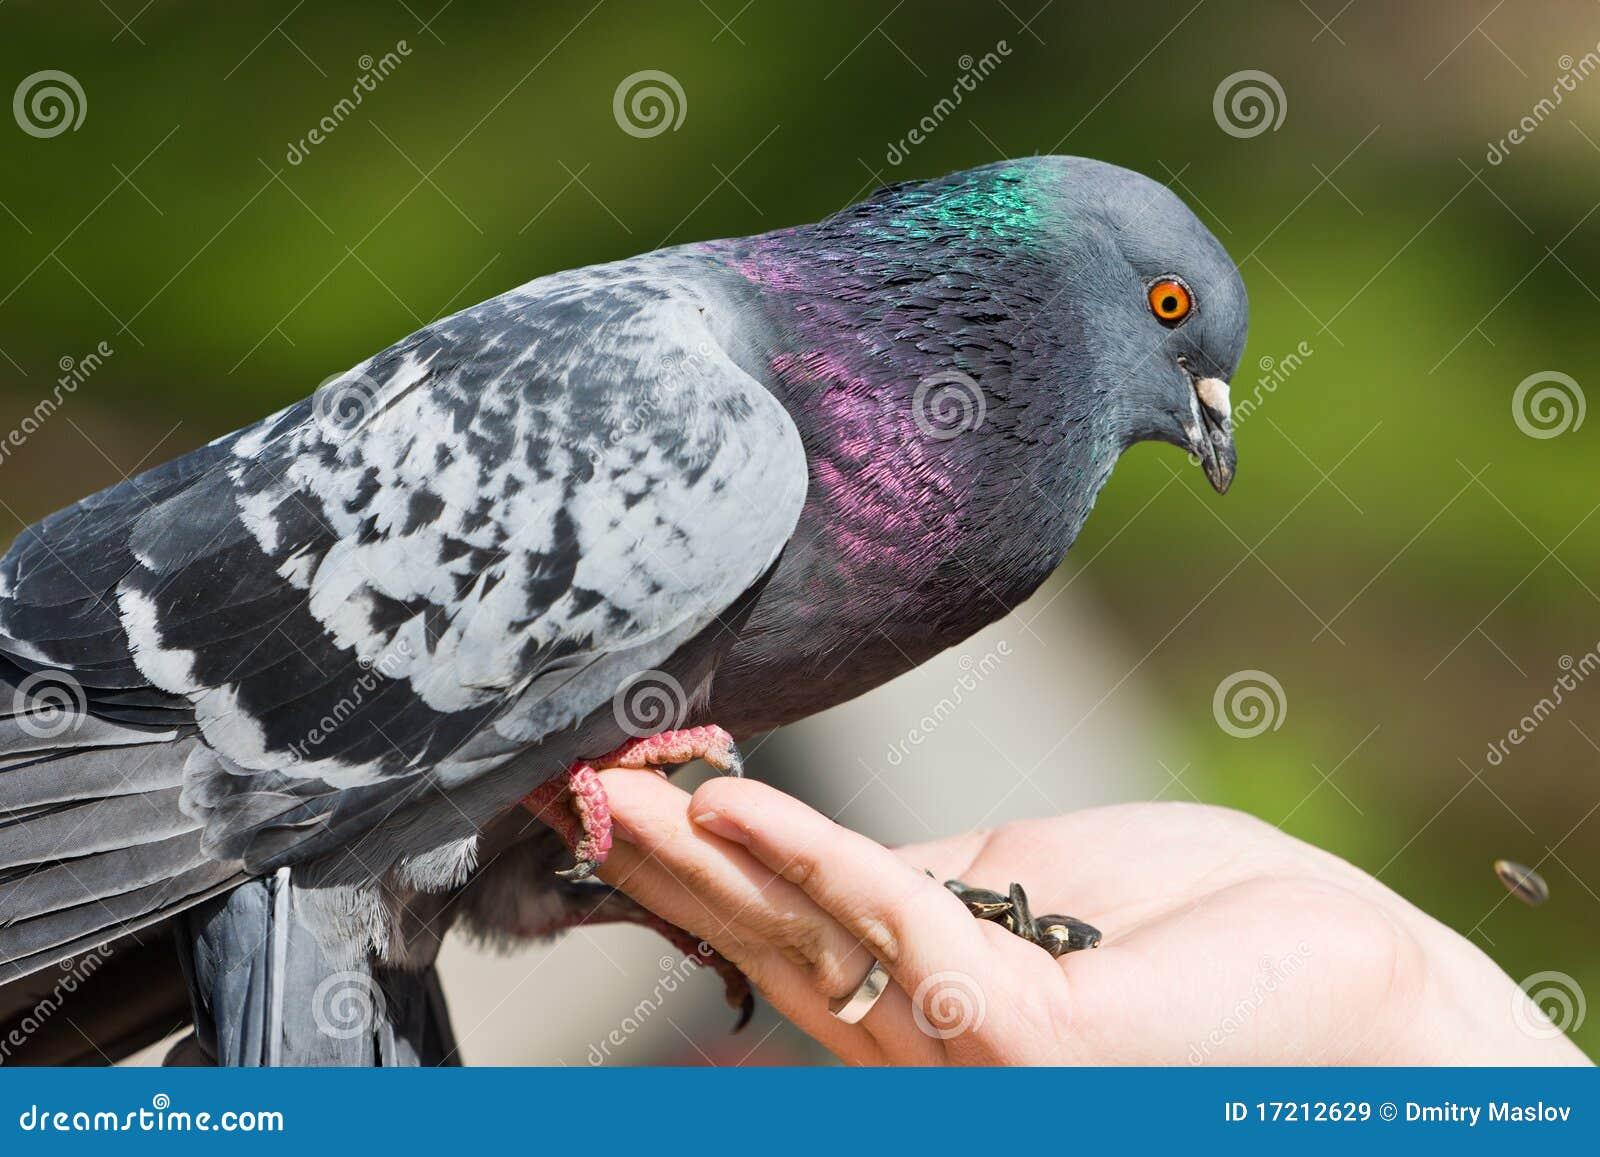 le pigeon mange des graines de tournesol images libres de droits image 17212629. Black Bedroom Furniture Sets. Home Design Ideas